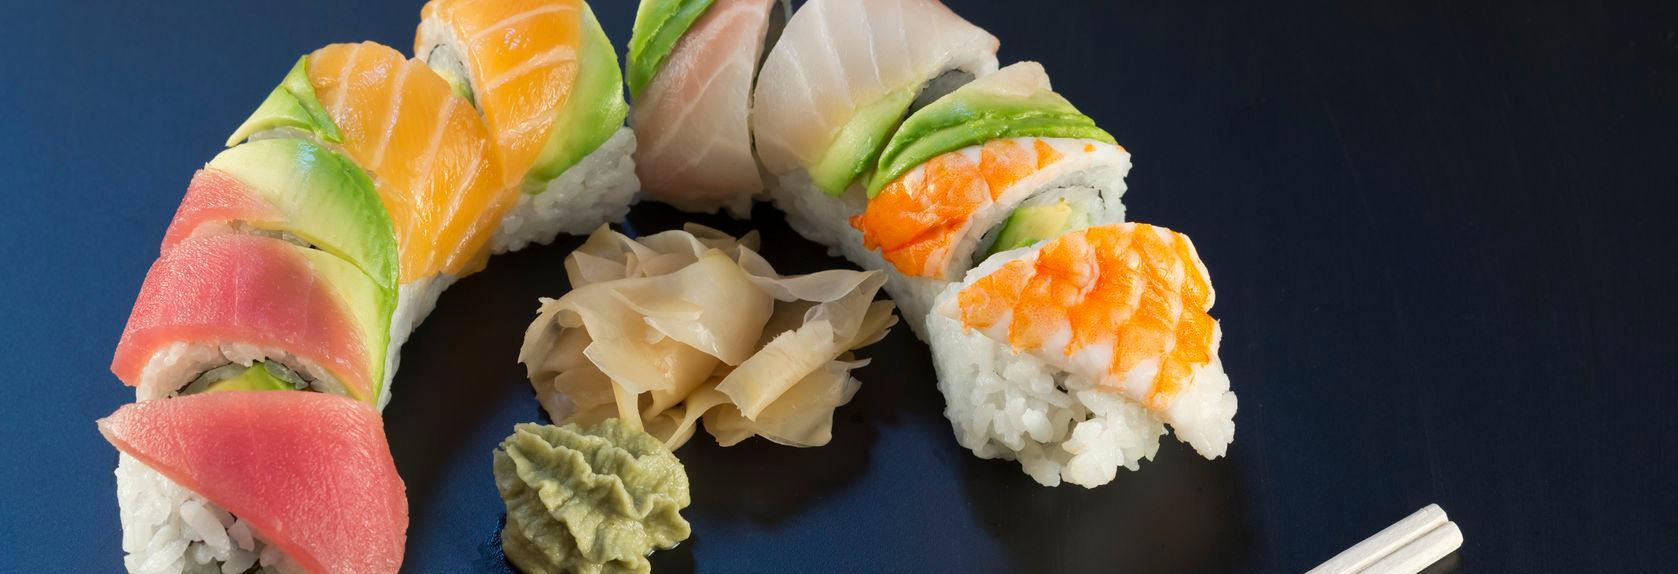 Matsu Sushi Japanese Cuisine in NYC banner